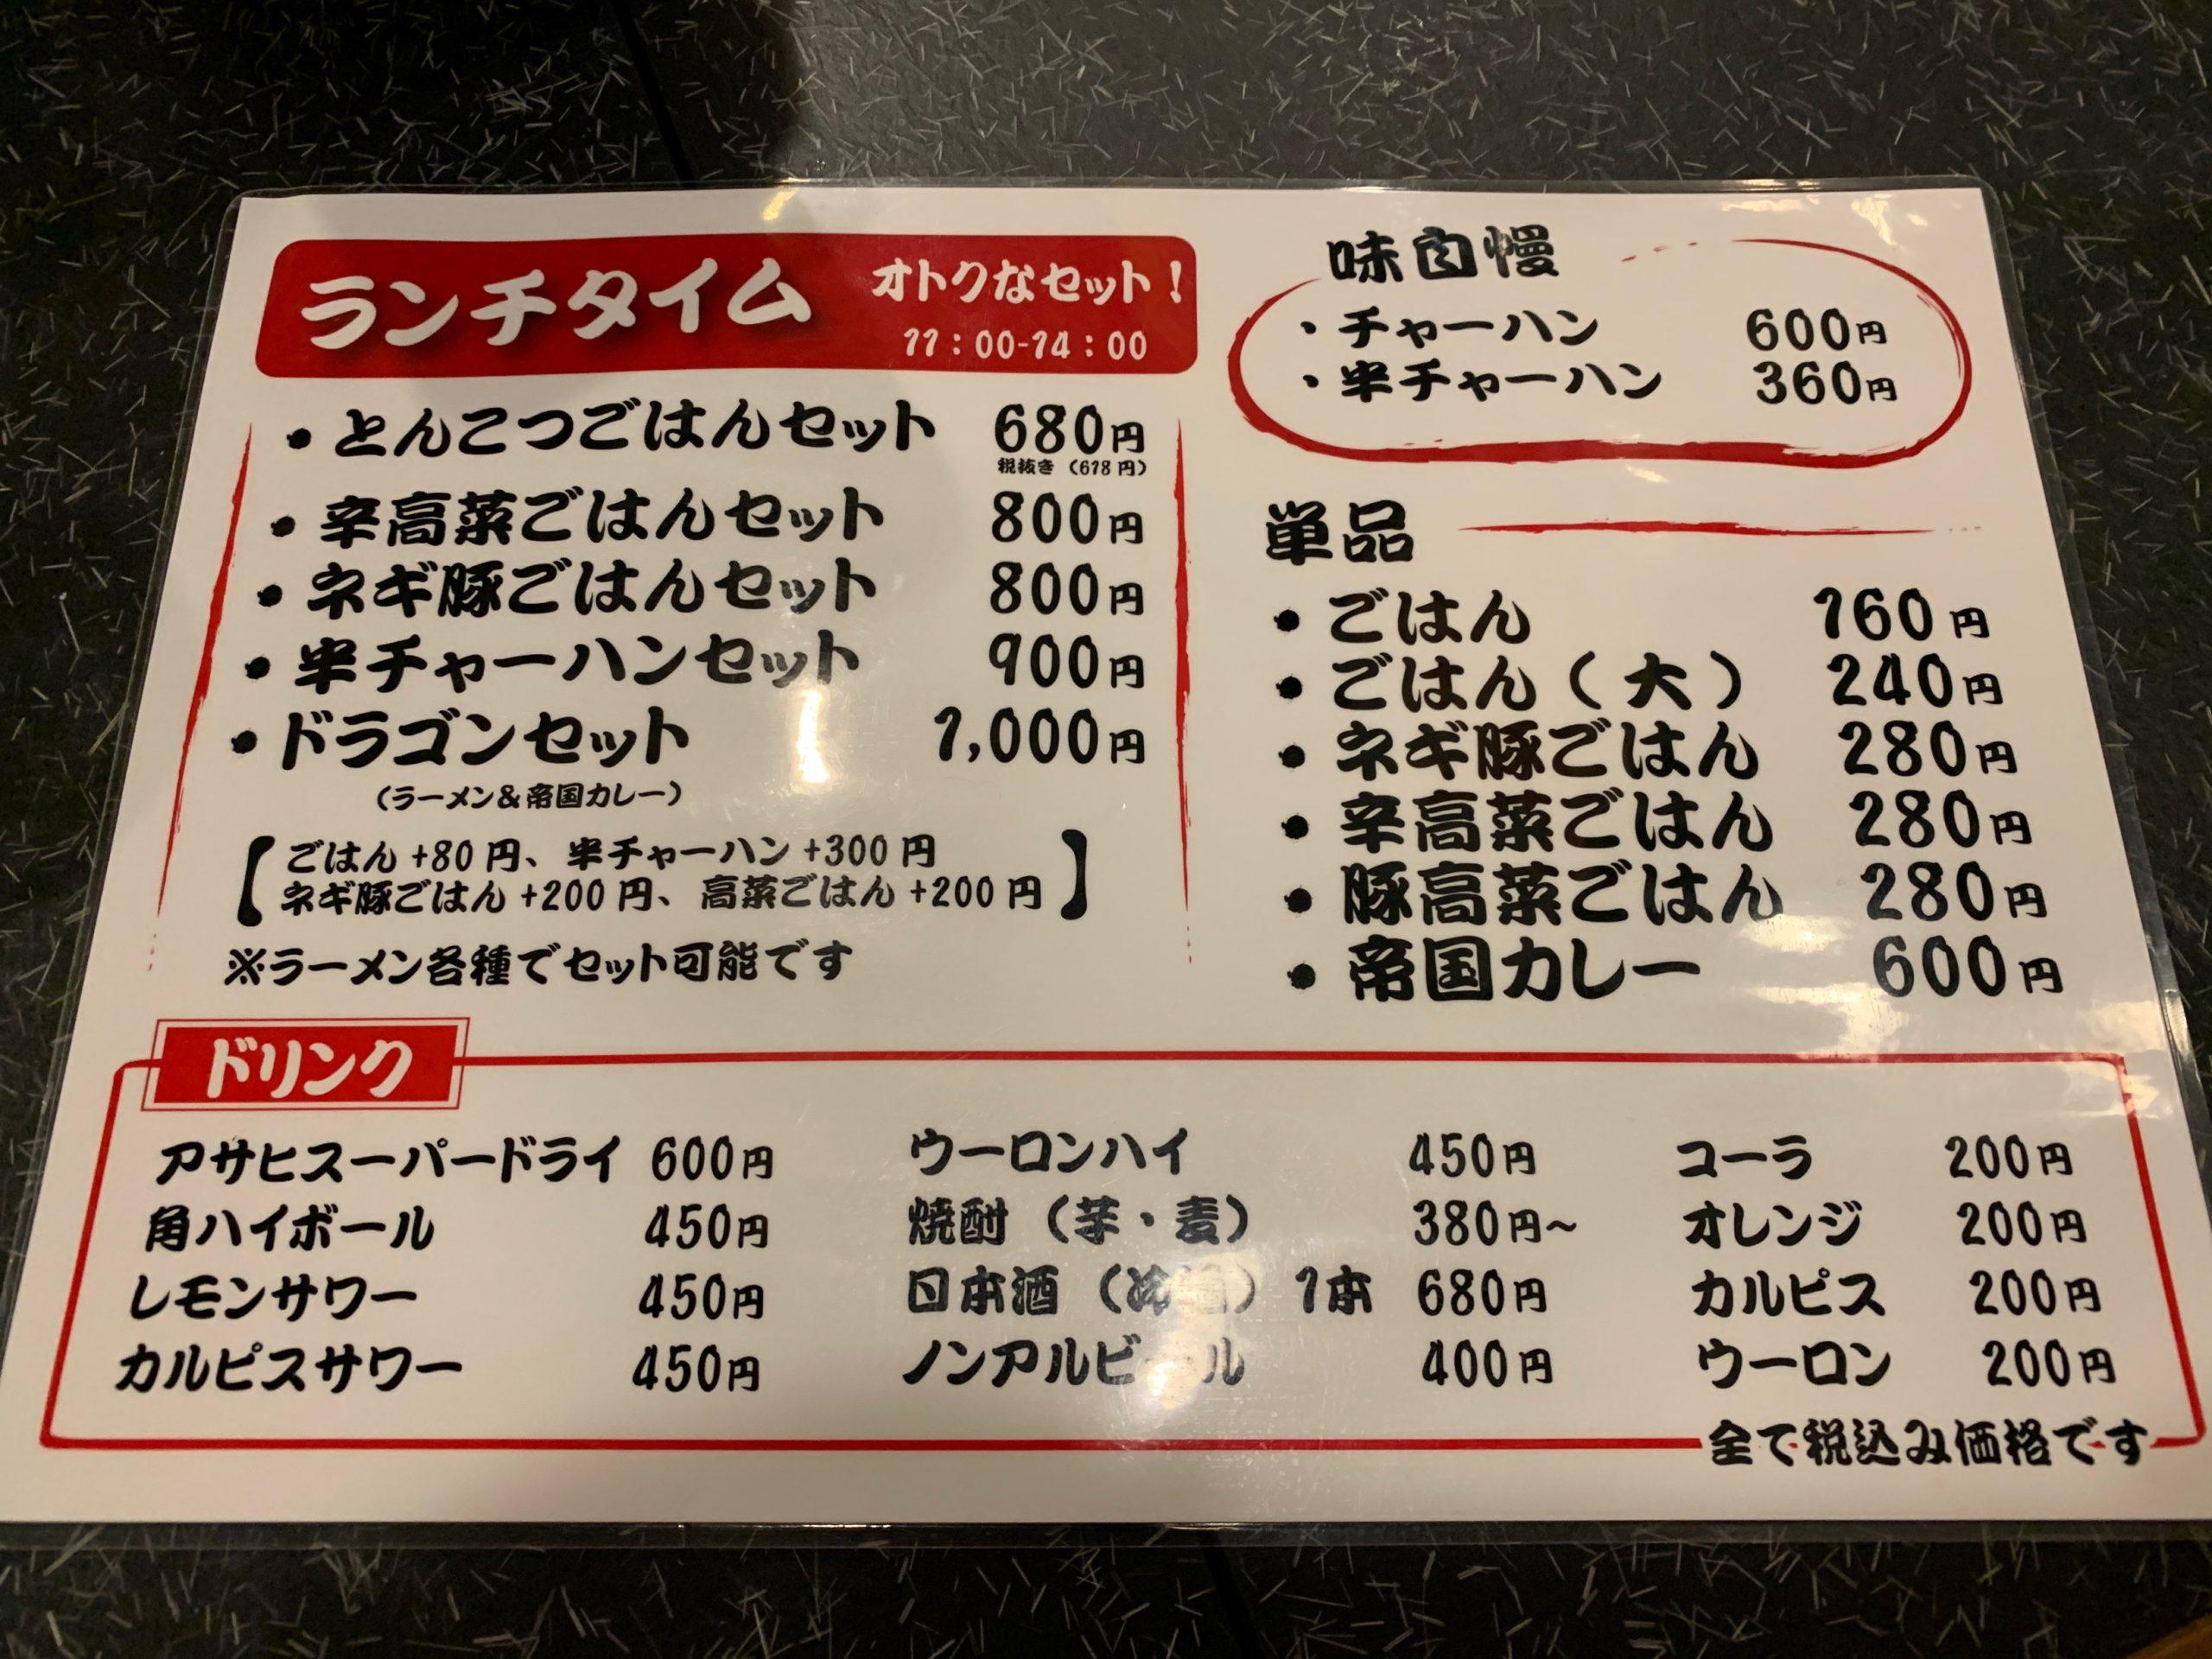 拉麺帝国本店のお品書き